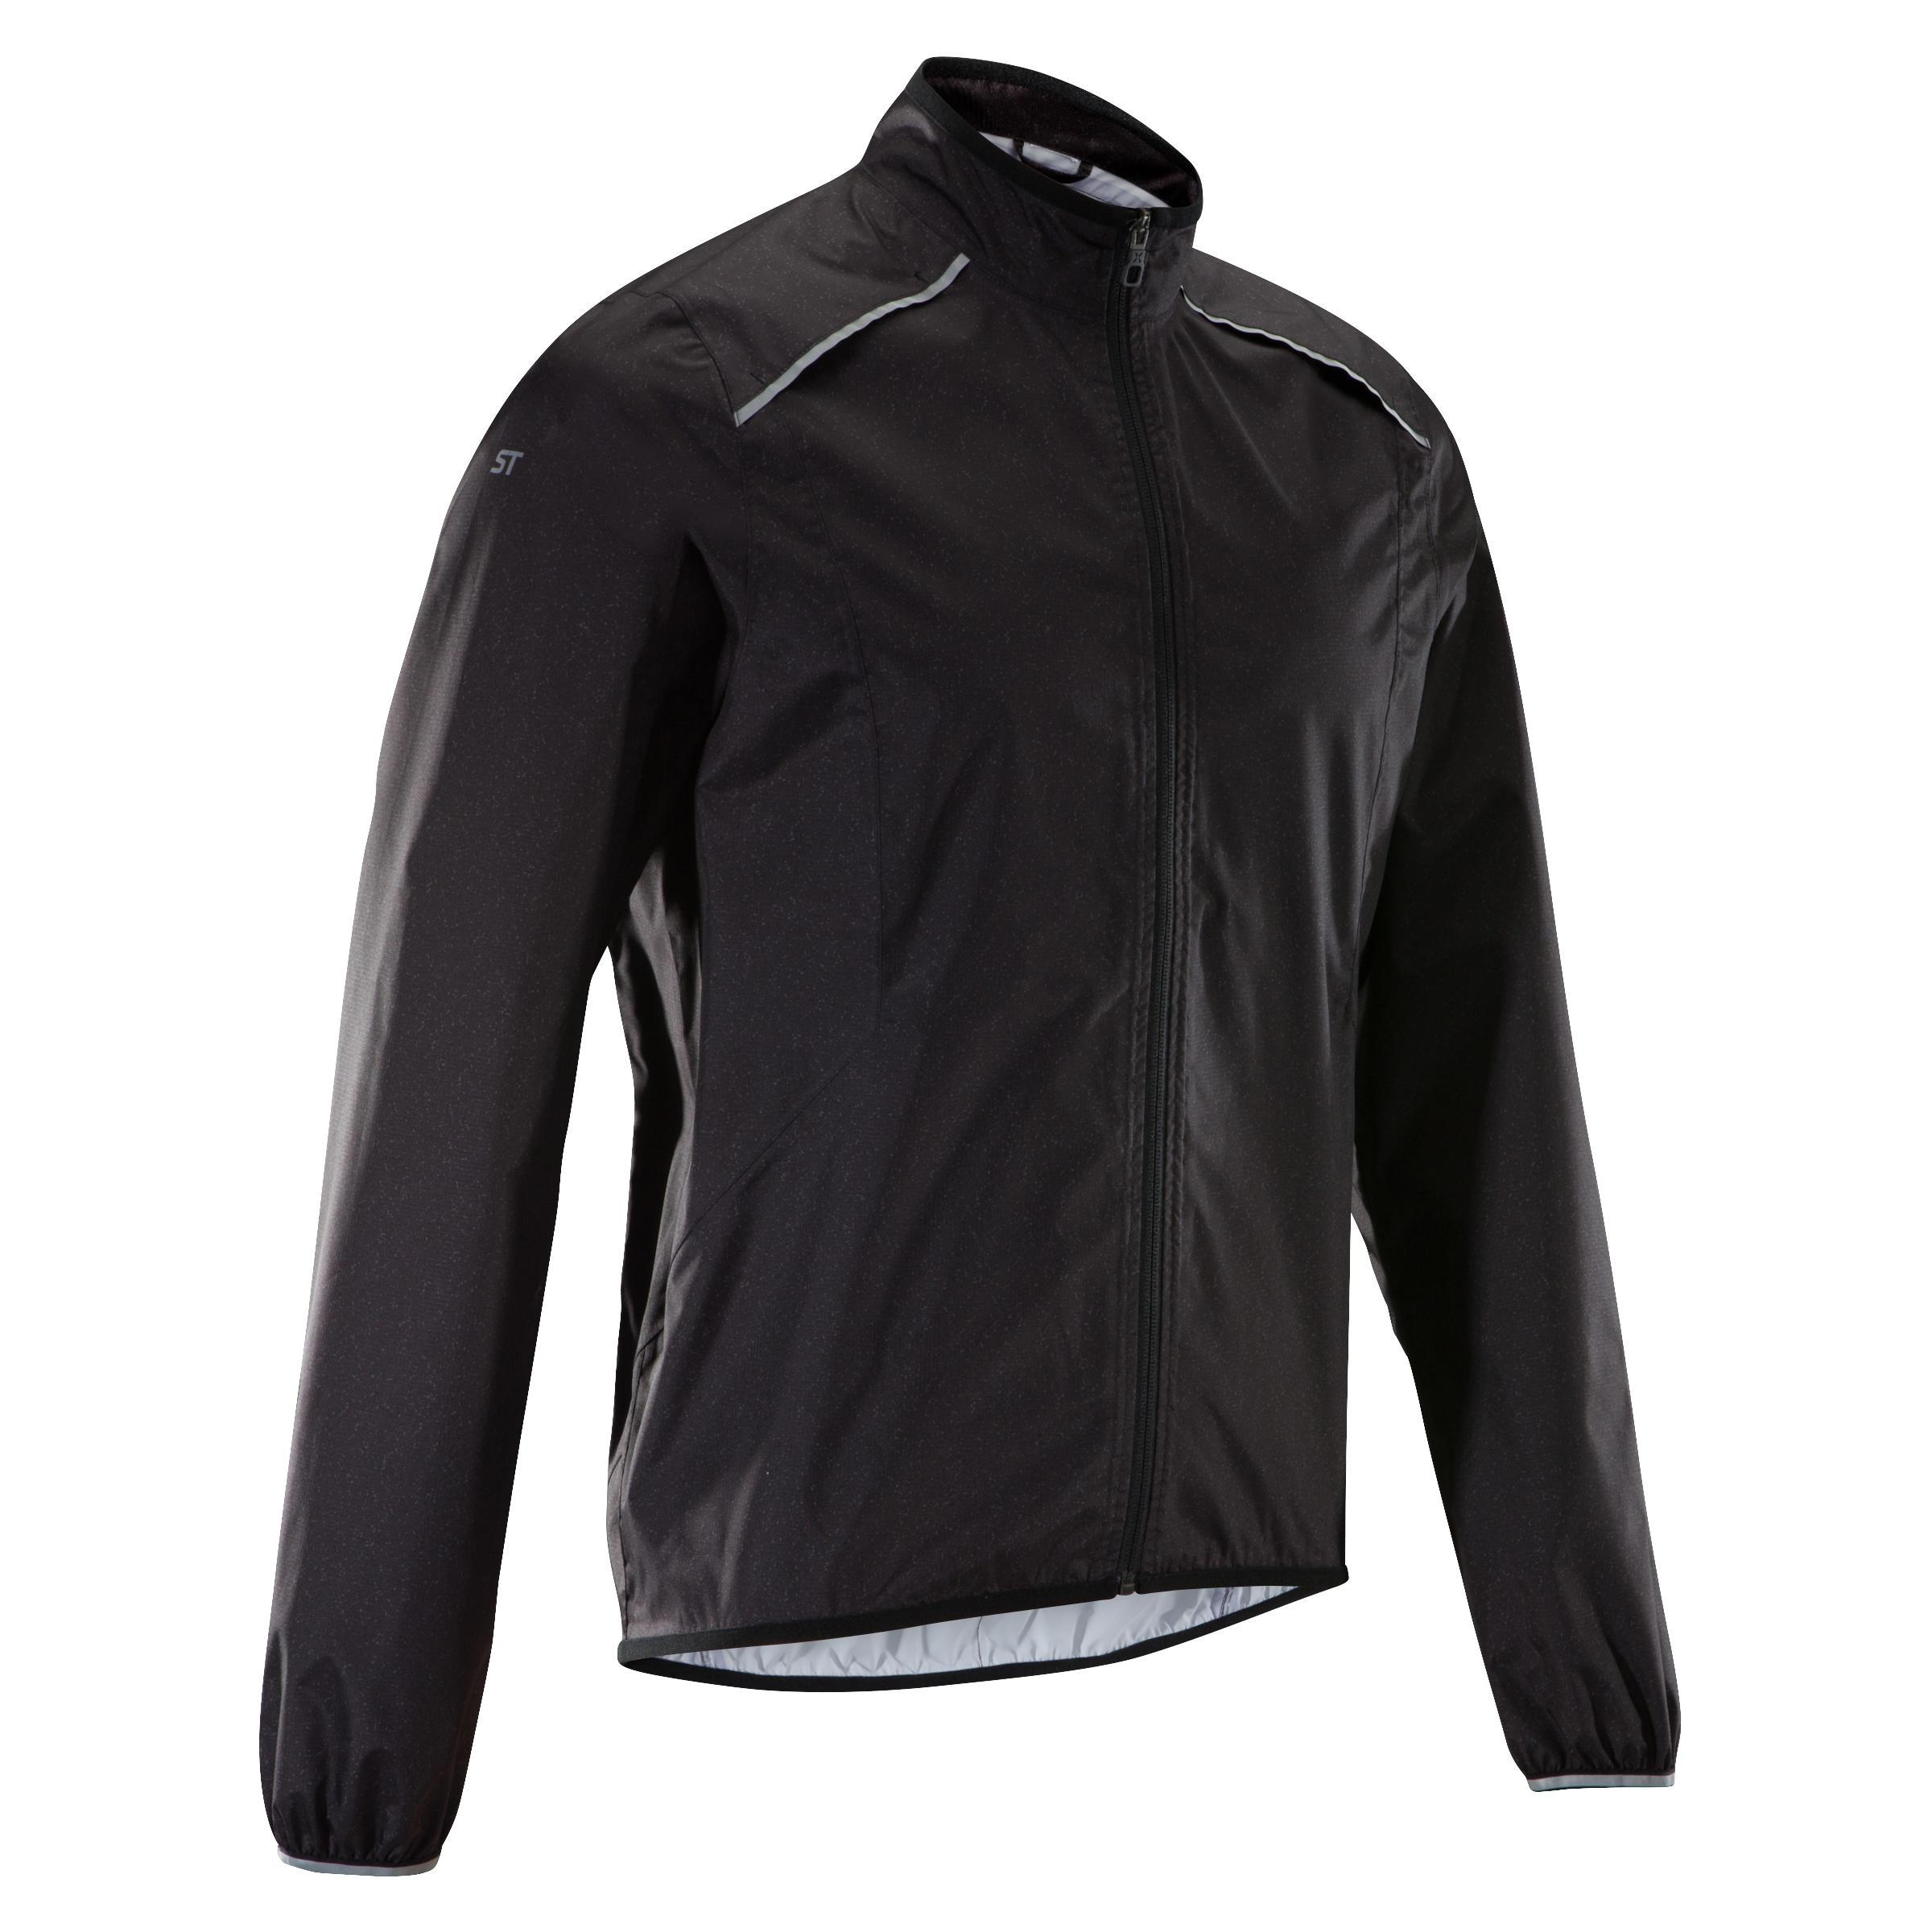 Jachetă Ploaie MTB ST 500 imagine